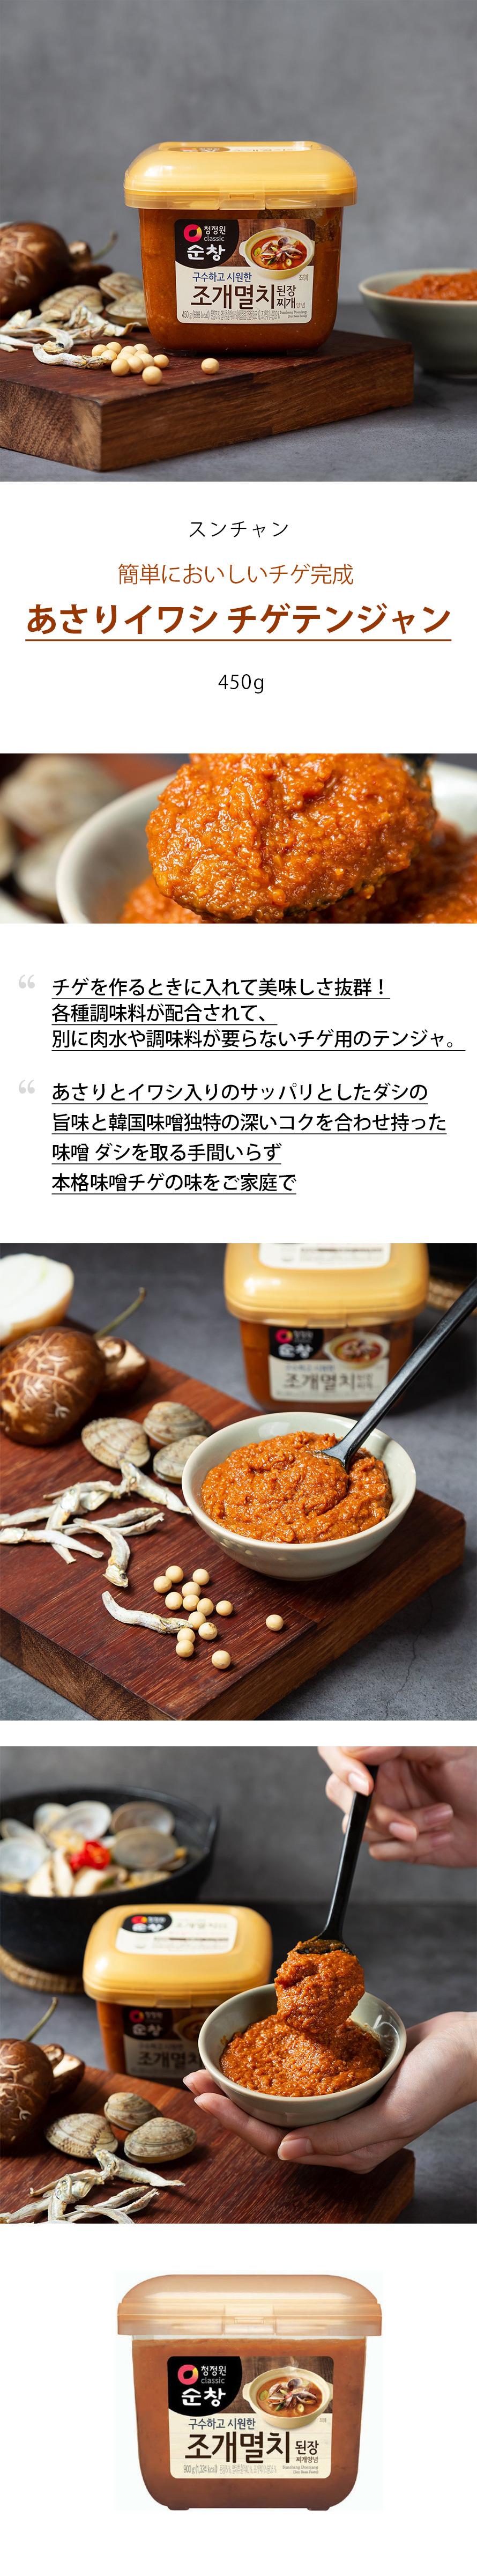 [スンチャン] あさりいわし入りチゲ専用テンジャン/チゲ用味噌(450g)